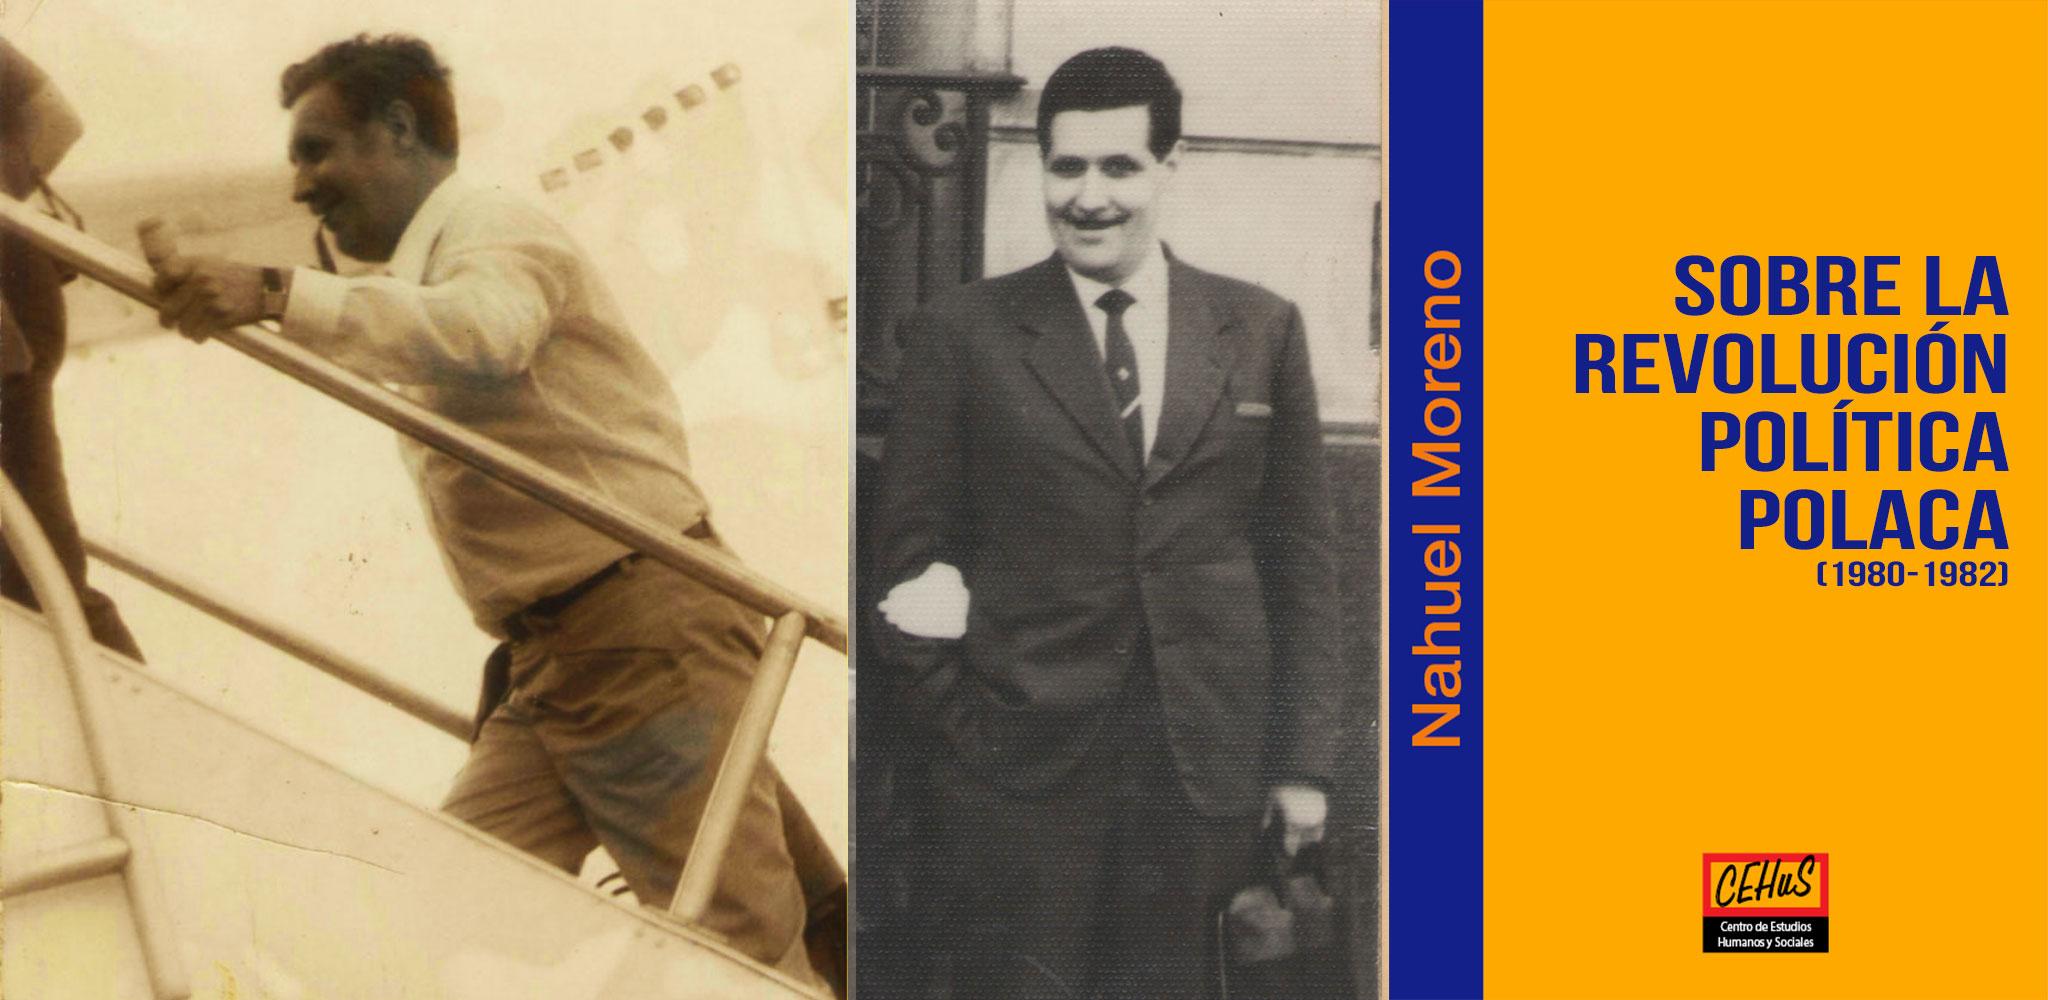 SOBRE LA REVOLUCIÓN POLÍTICA POLACA (1980-1982)